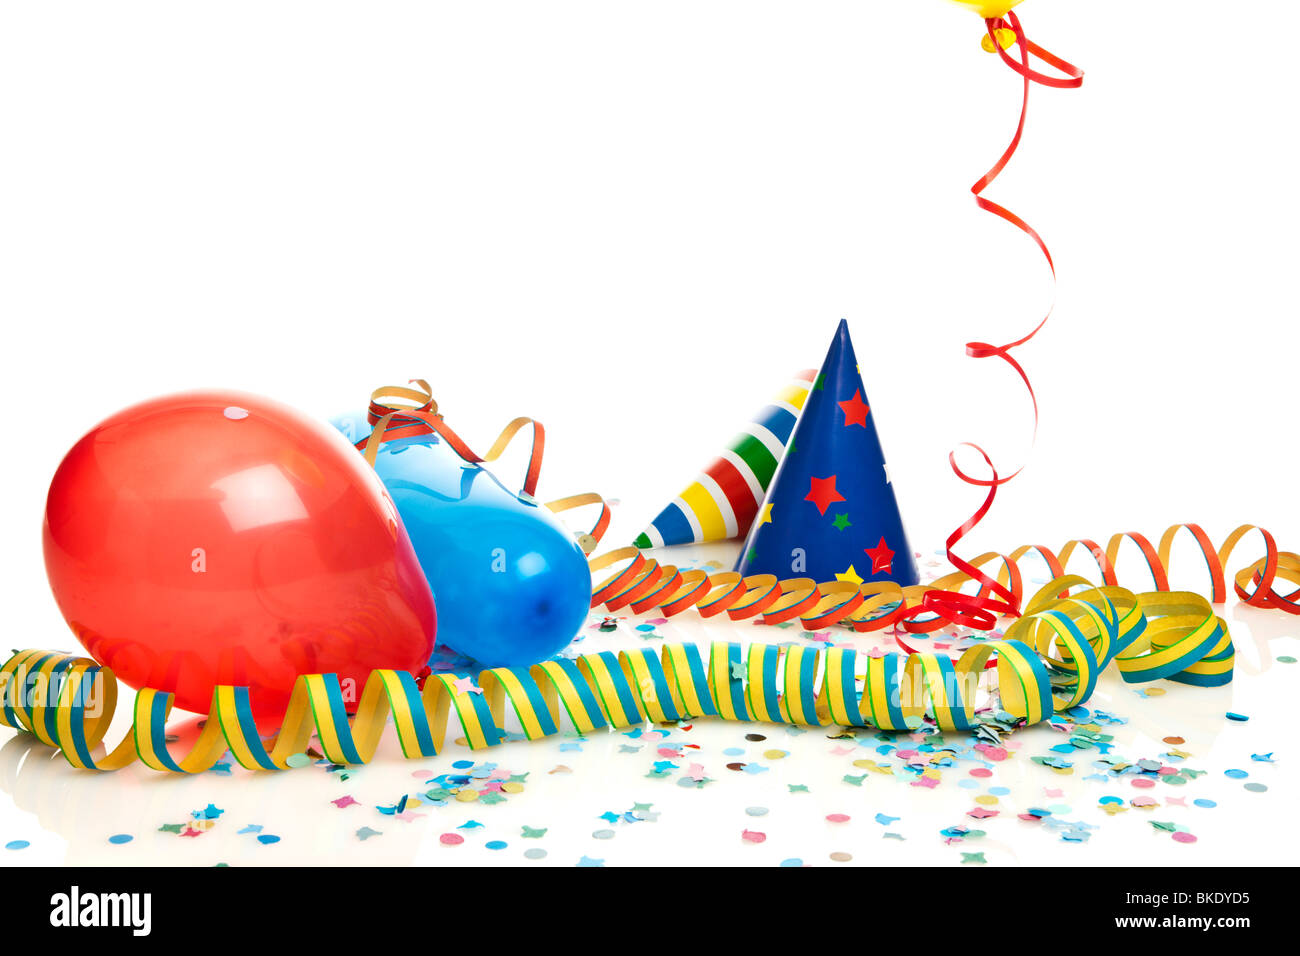 Parte decoración - globos, gorros de fiesta, serpentinas, confeti Imagen De Stock